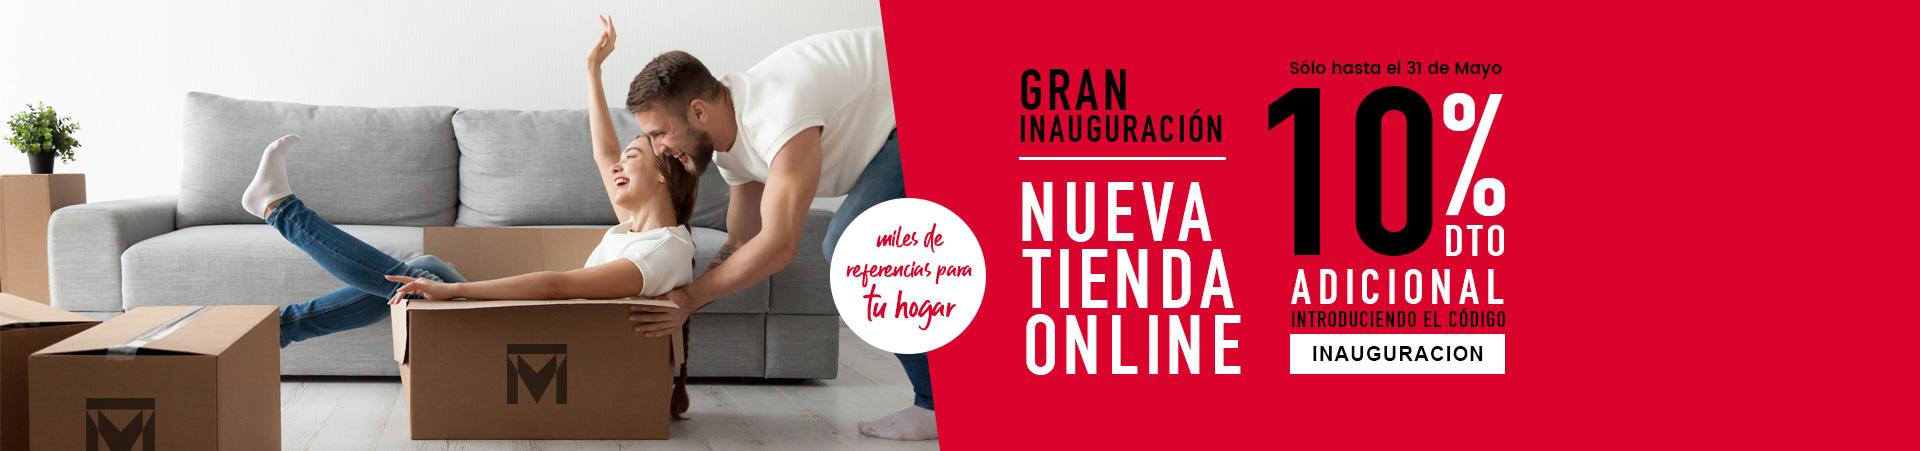 banner nueva tienda online - Decoración boho chic para tu hogar